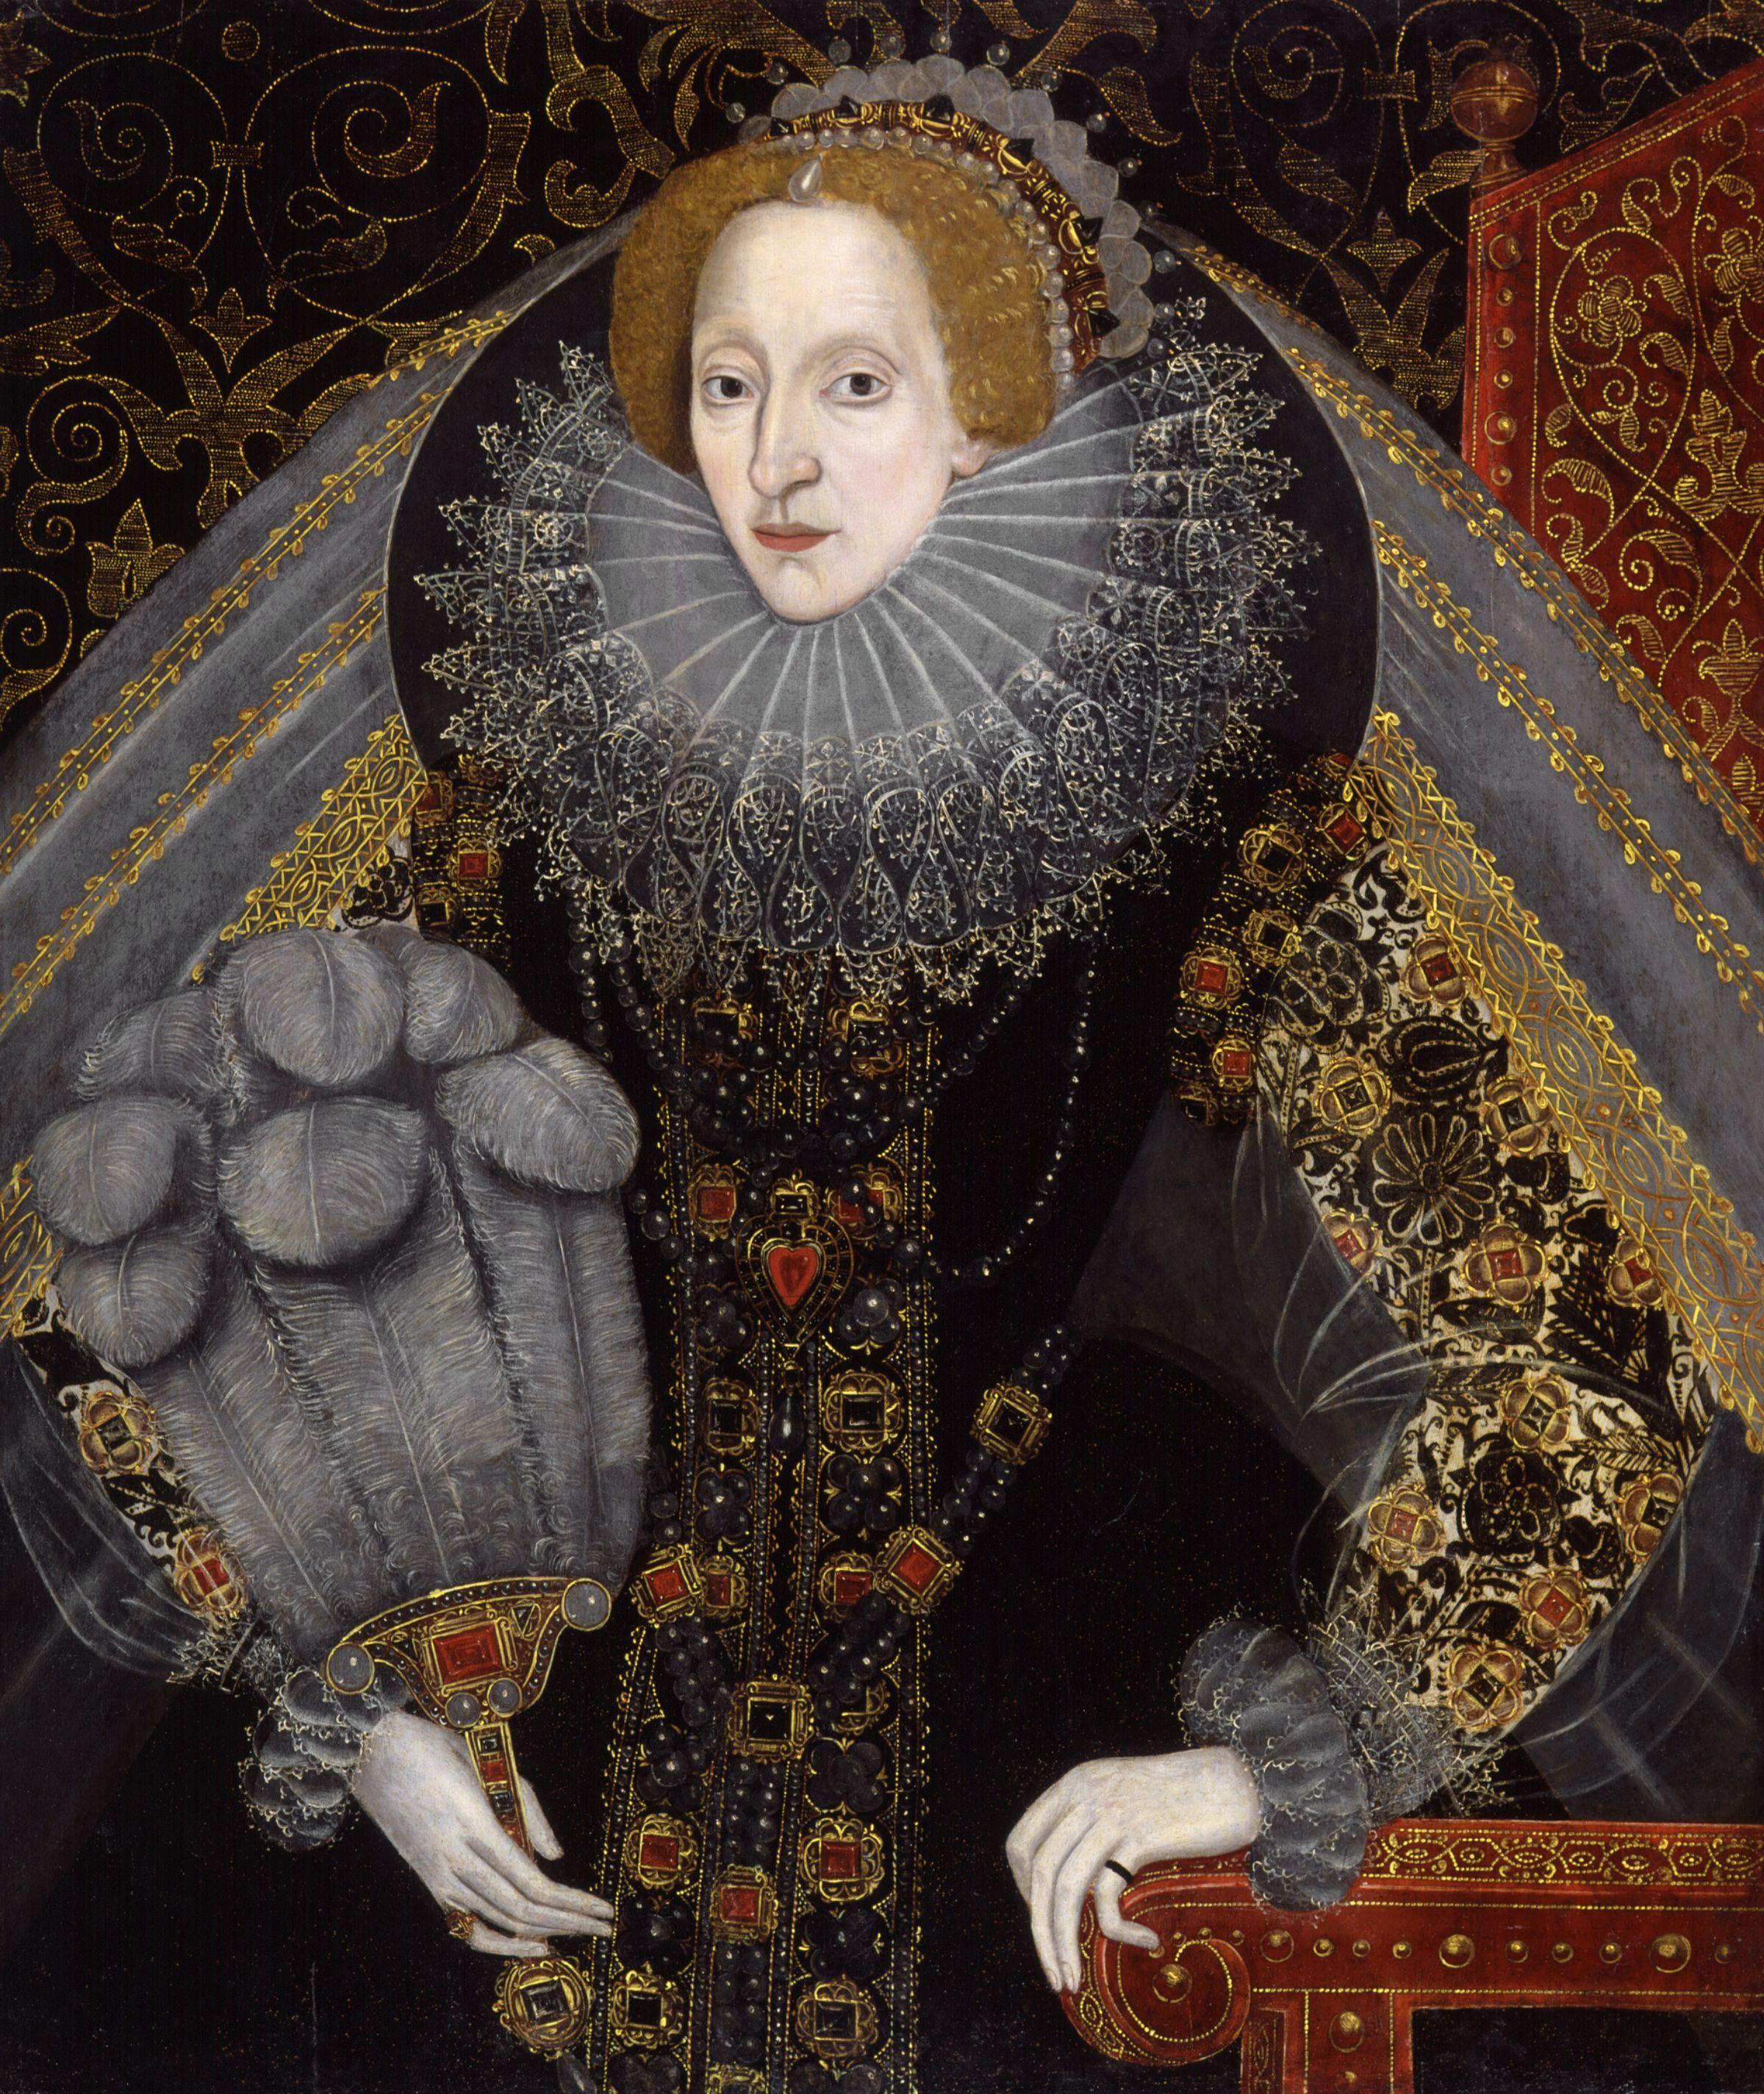 джон бейтс мл 1585